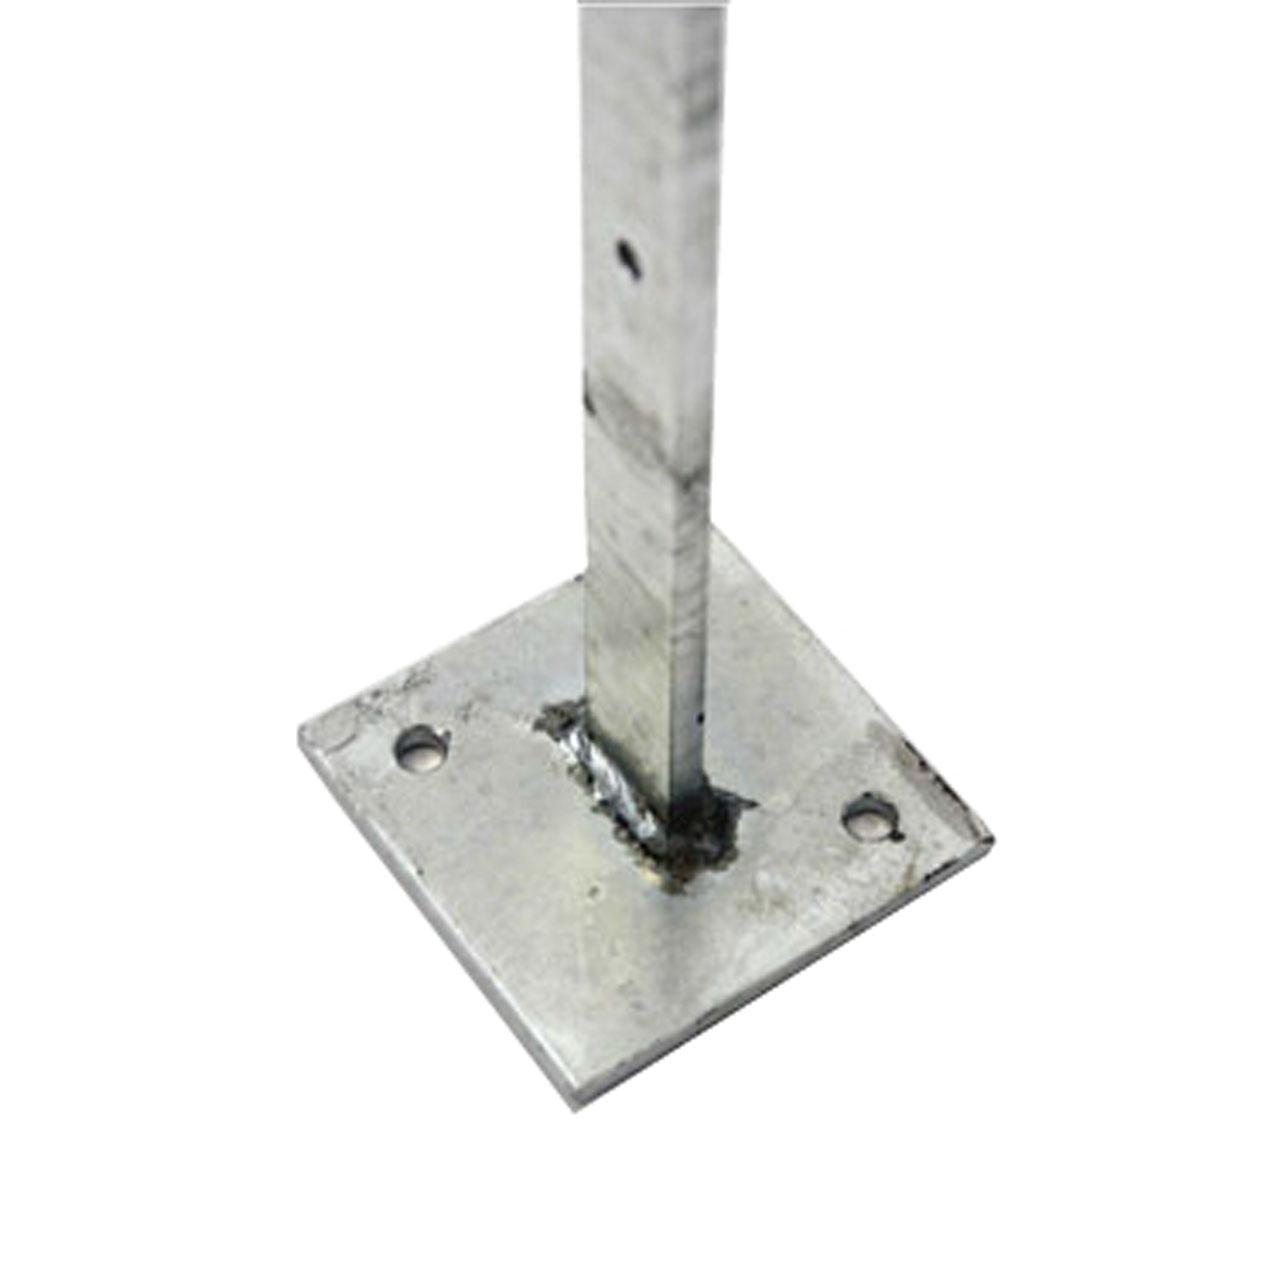 metall pfosten f r valencia montagegitter zum aufschrauben sichtschutz. Black Bedroom Furniture Sets. Home Design Ideas